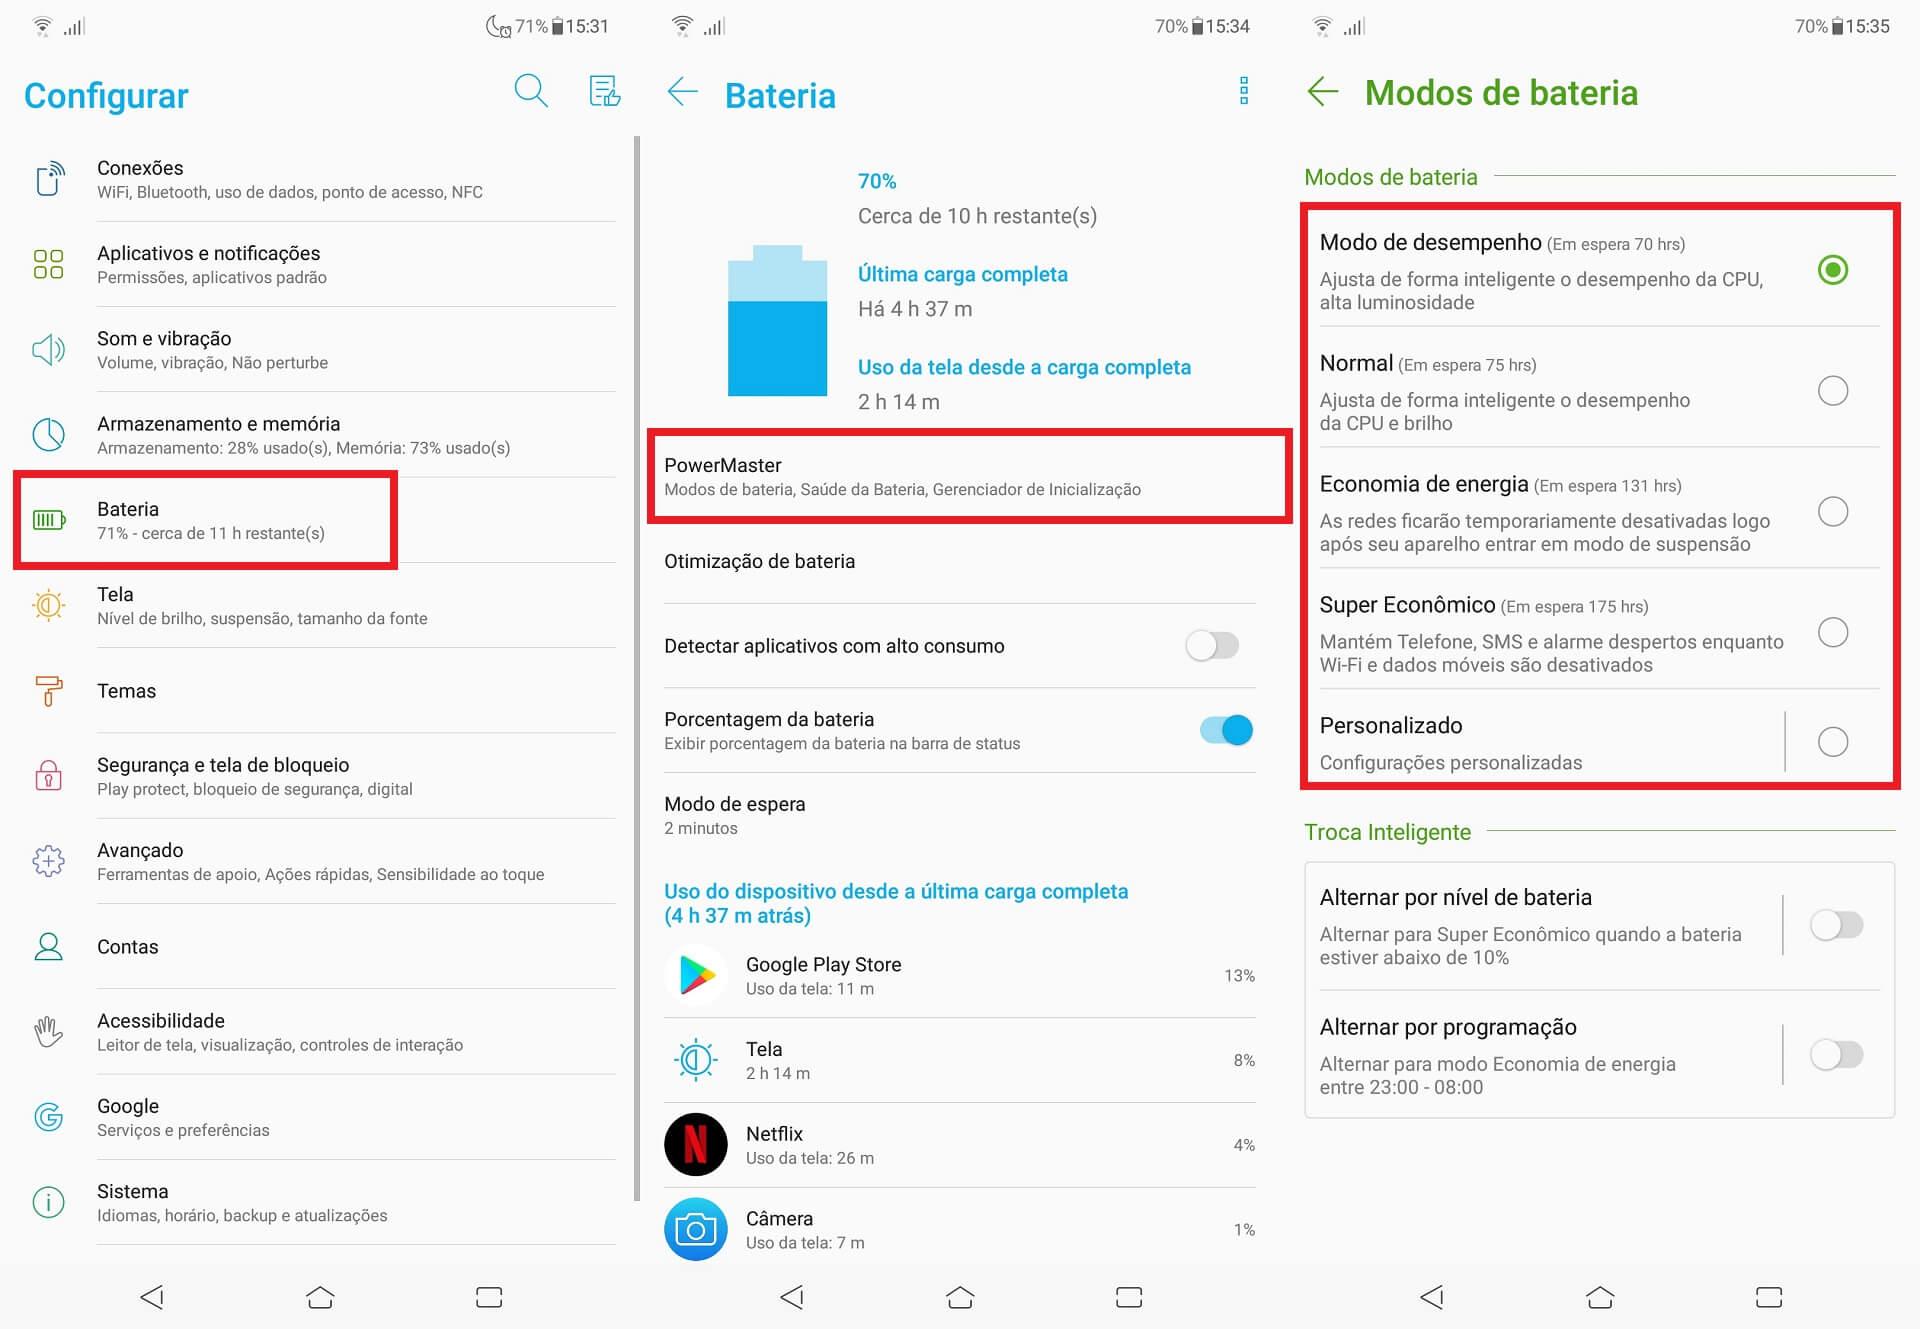 IMG 6 - Descubra 23 dicas e truques para os Asus Zenfone 5 e Zenfone 5Z